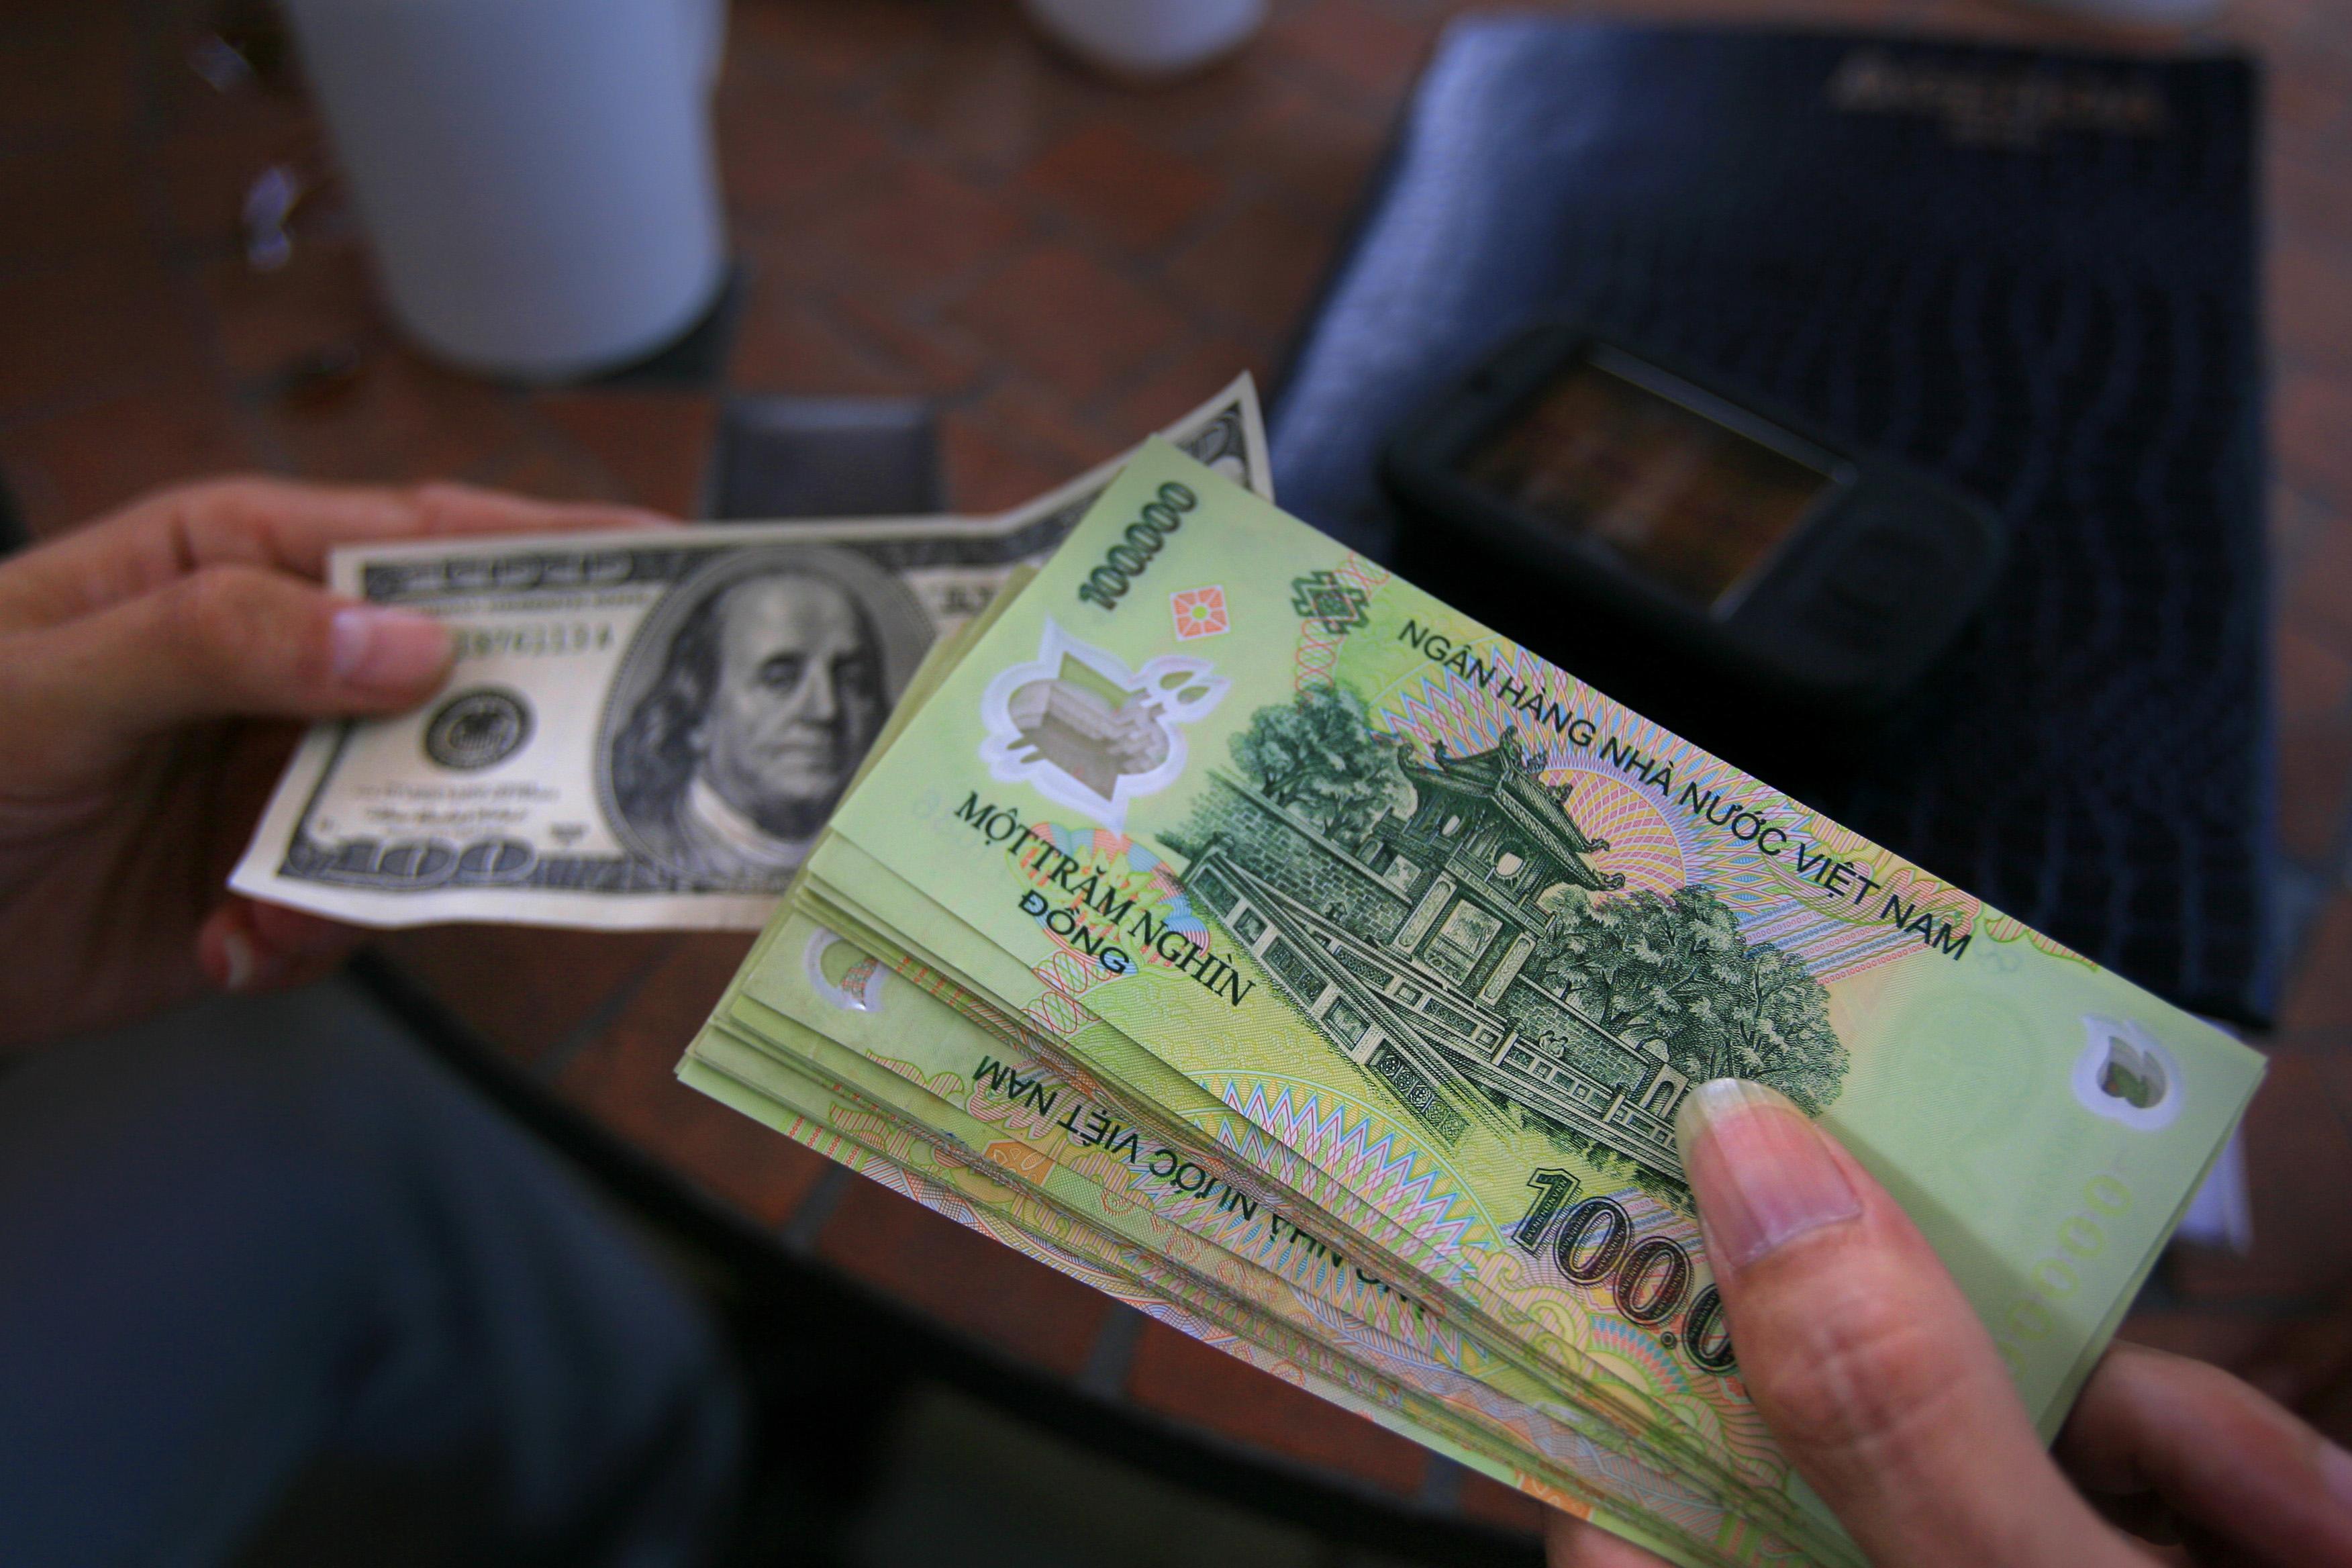 Giá trị đồng bạc Việt Nam thấp thứ 2 thế giới